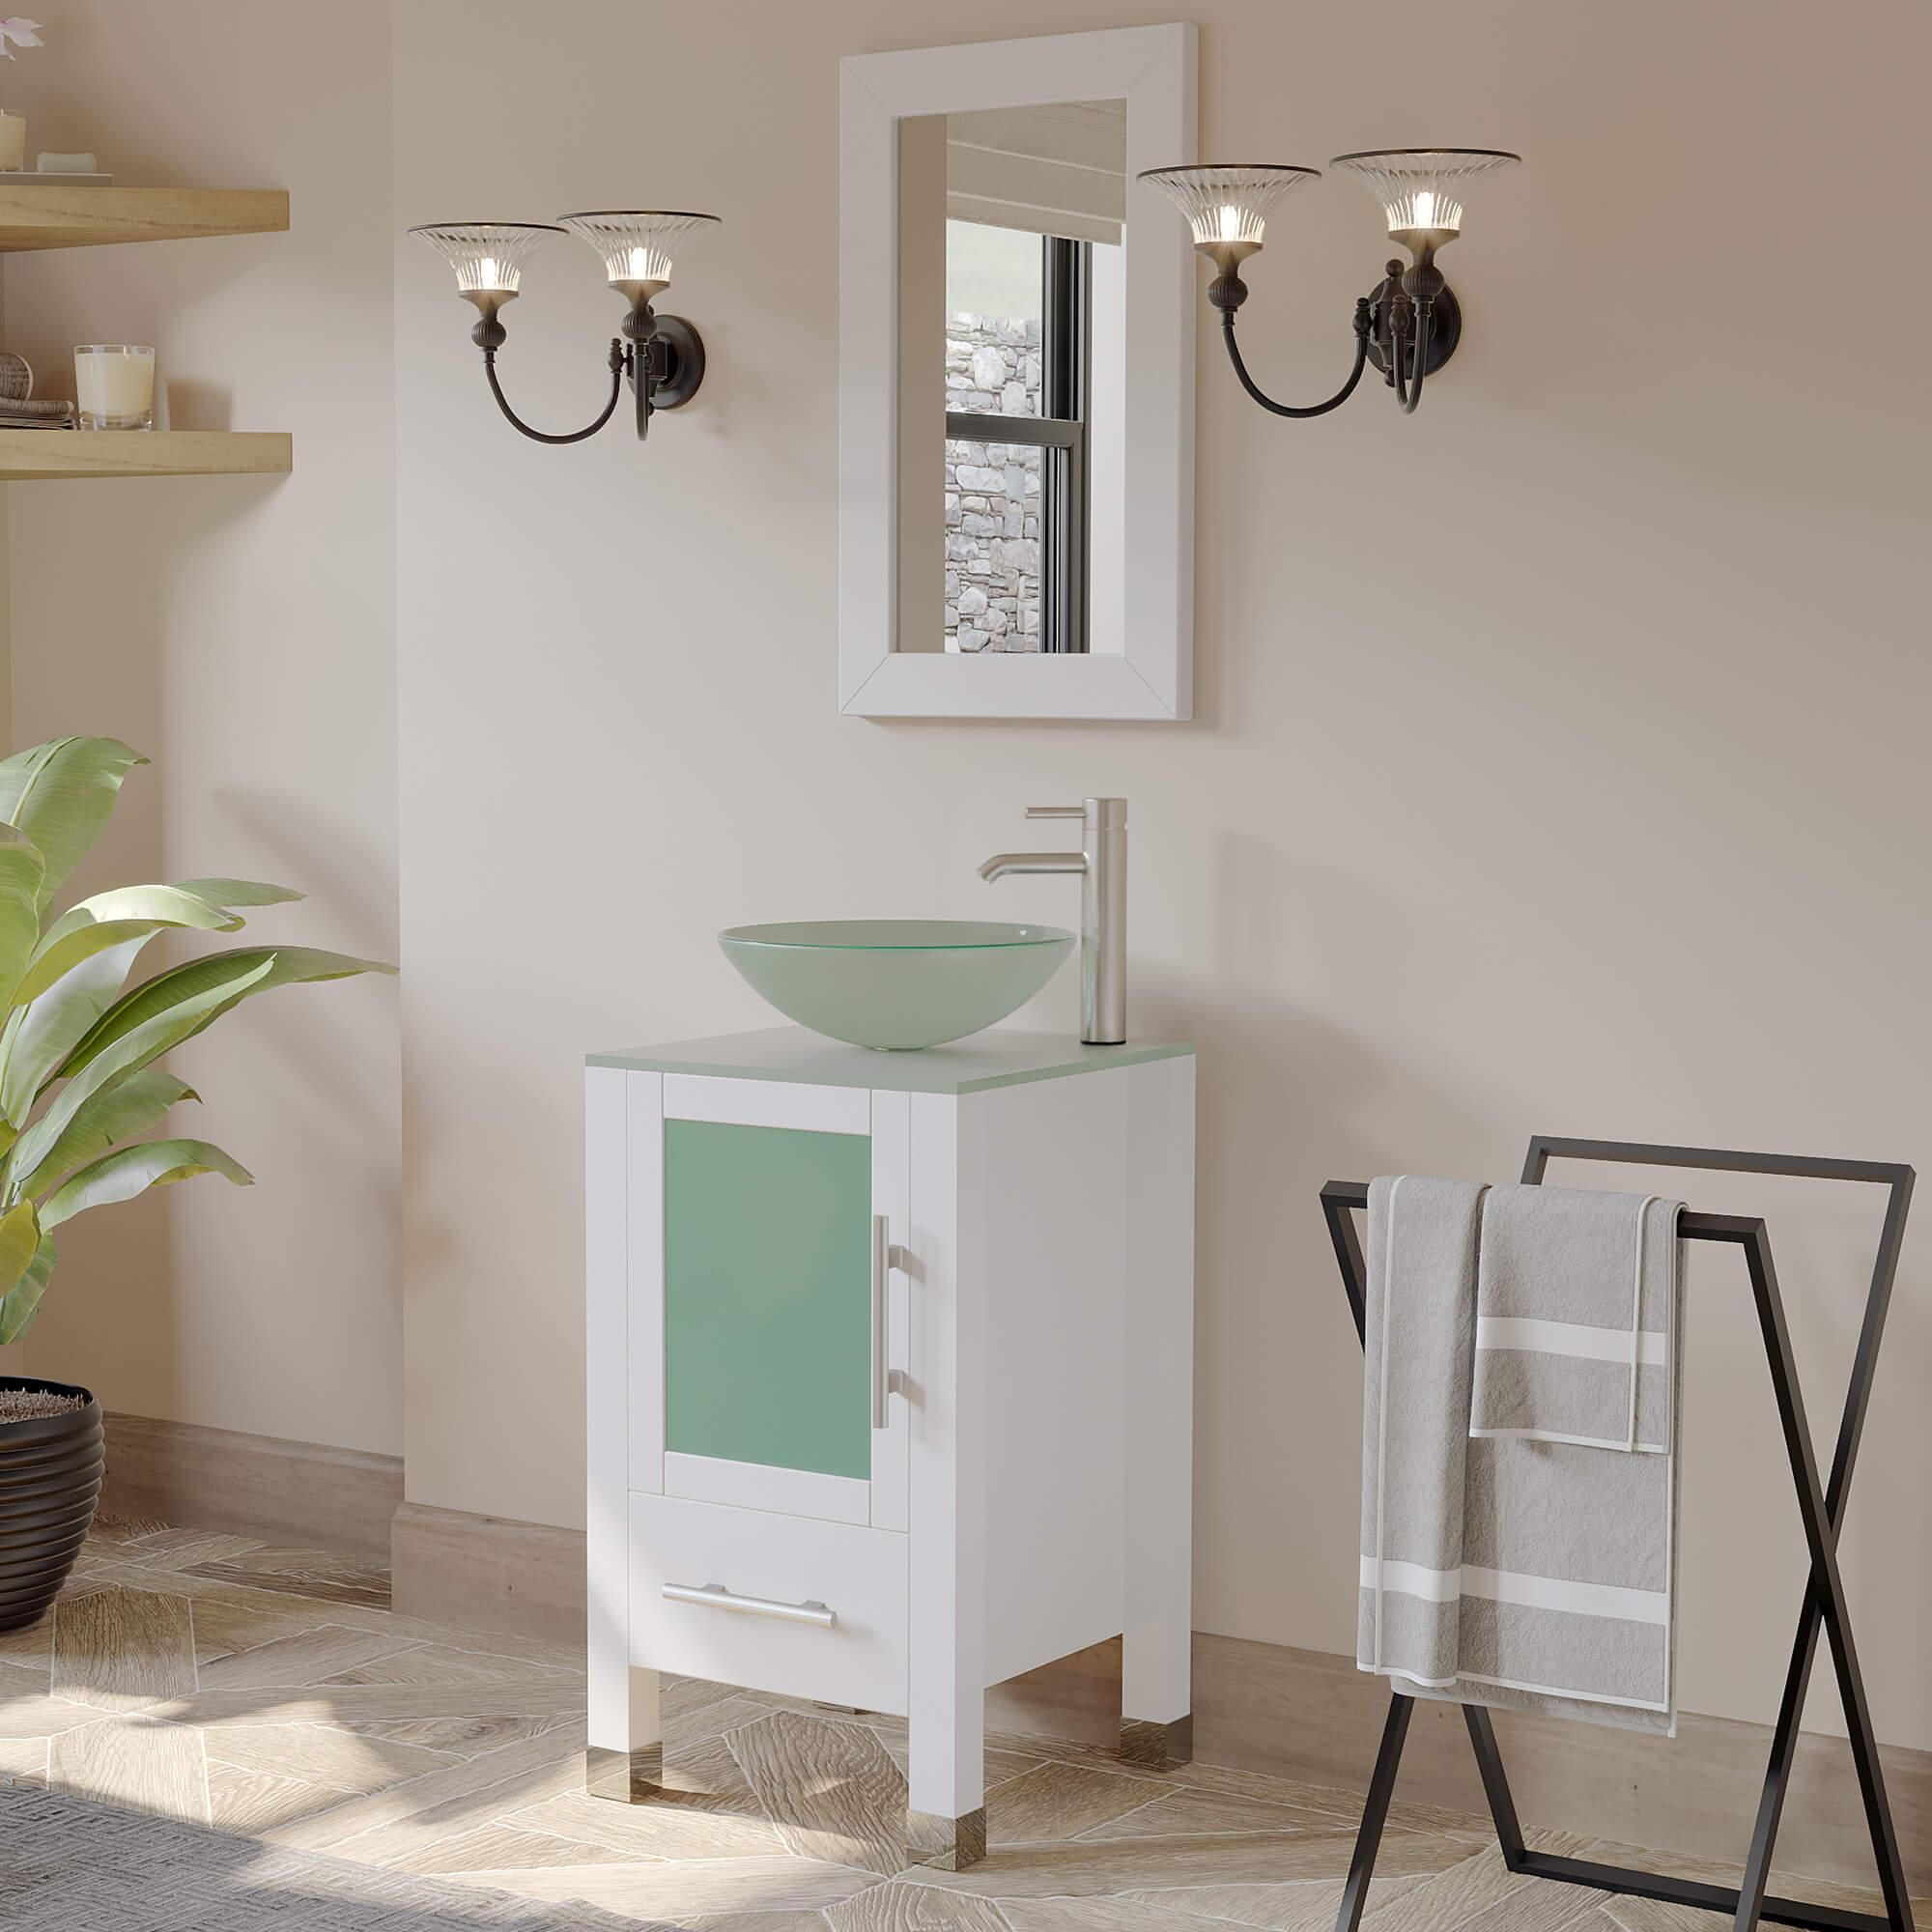 white vanity, single glass vessel sink, bathroom vanity,